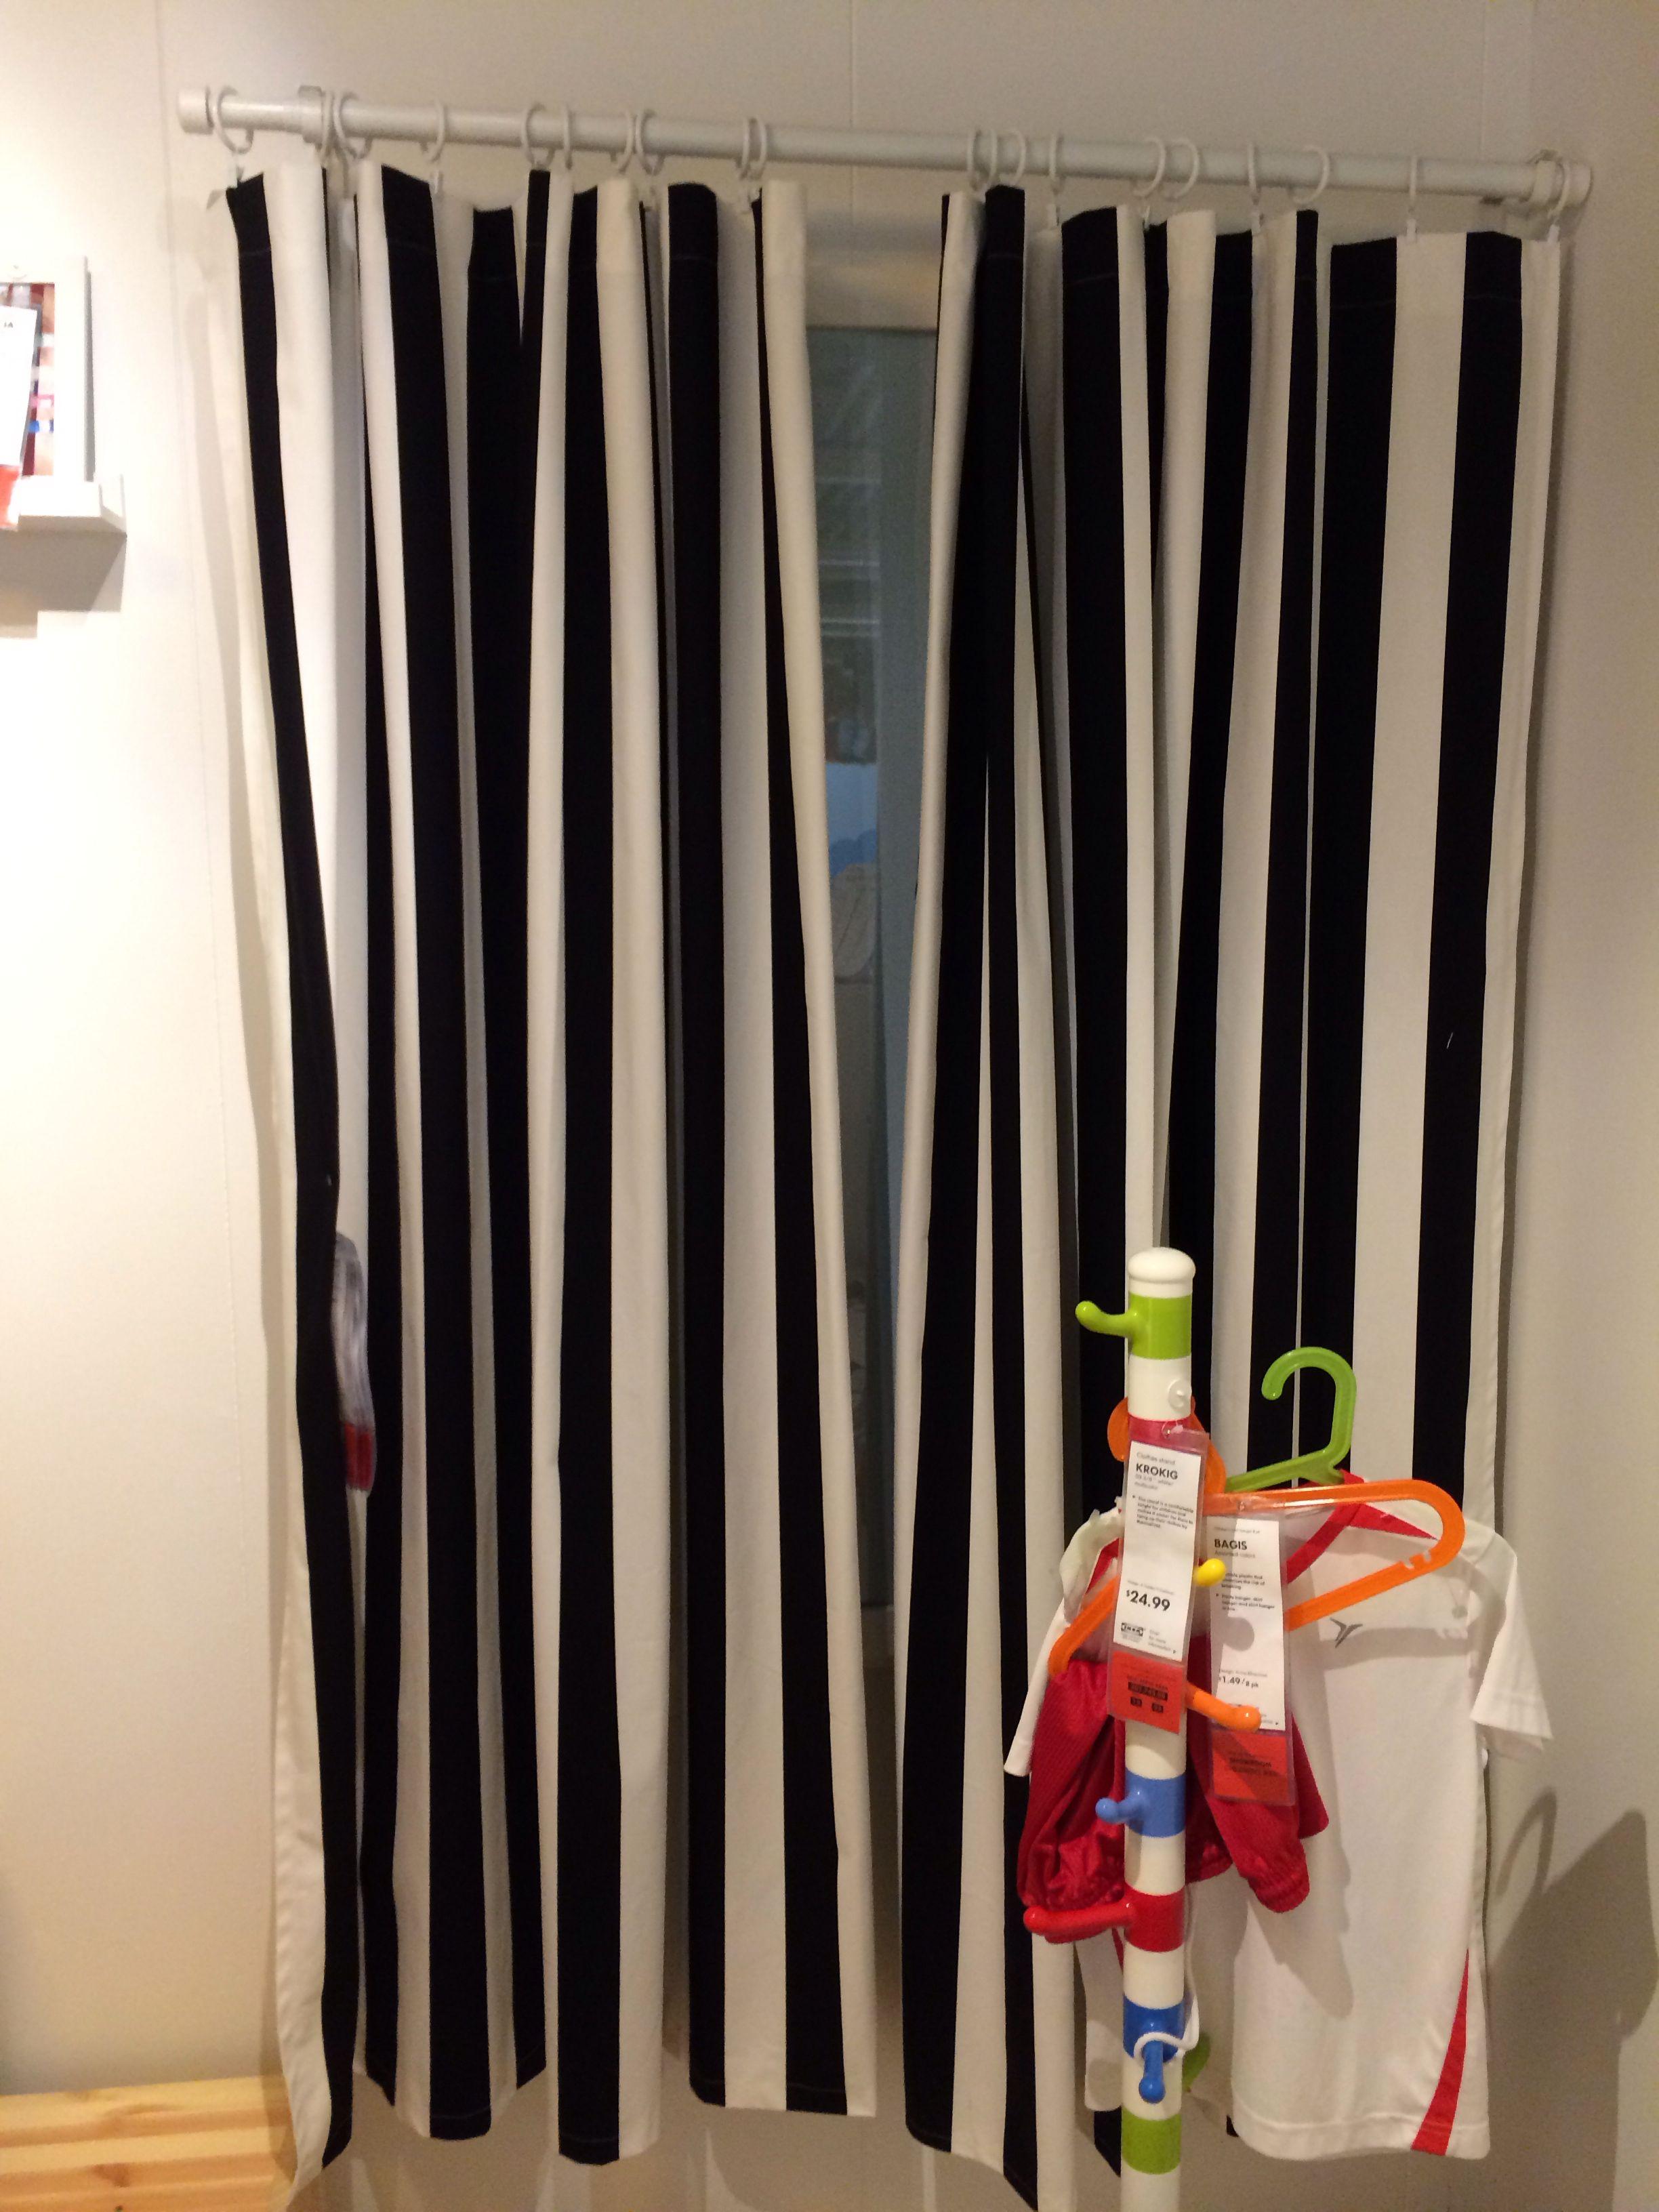 Sofia Fabric Curtains Eleanors Room Ikea Ikea In 2019 Ikea Organization Ikea Painted